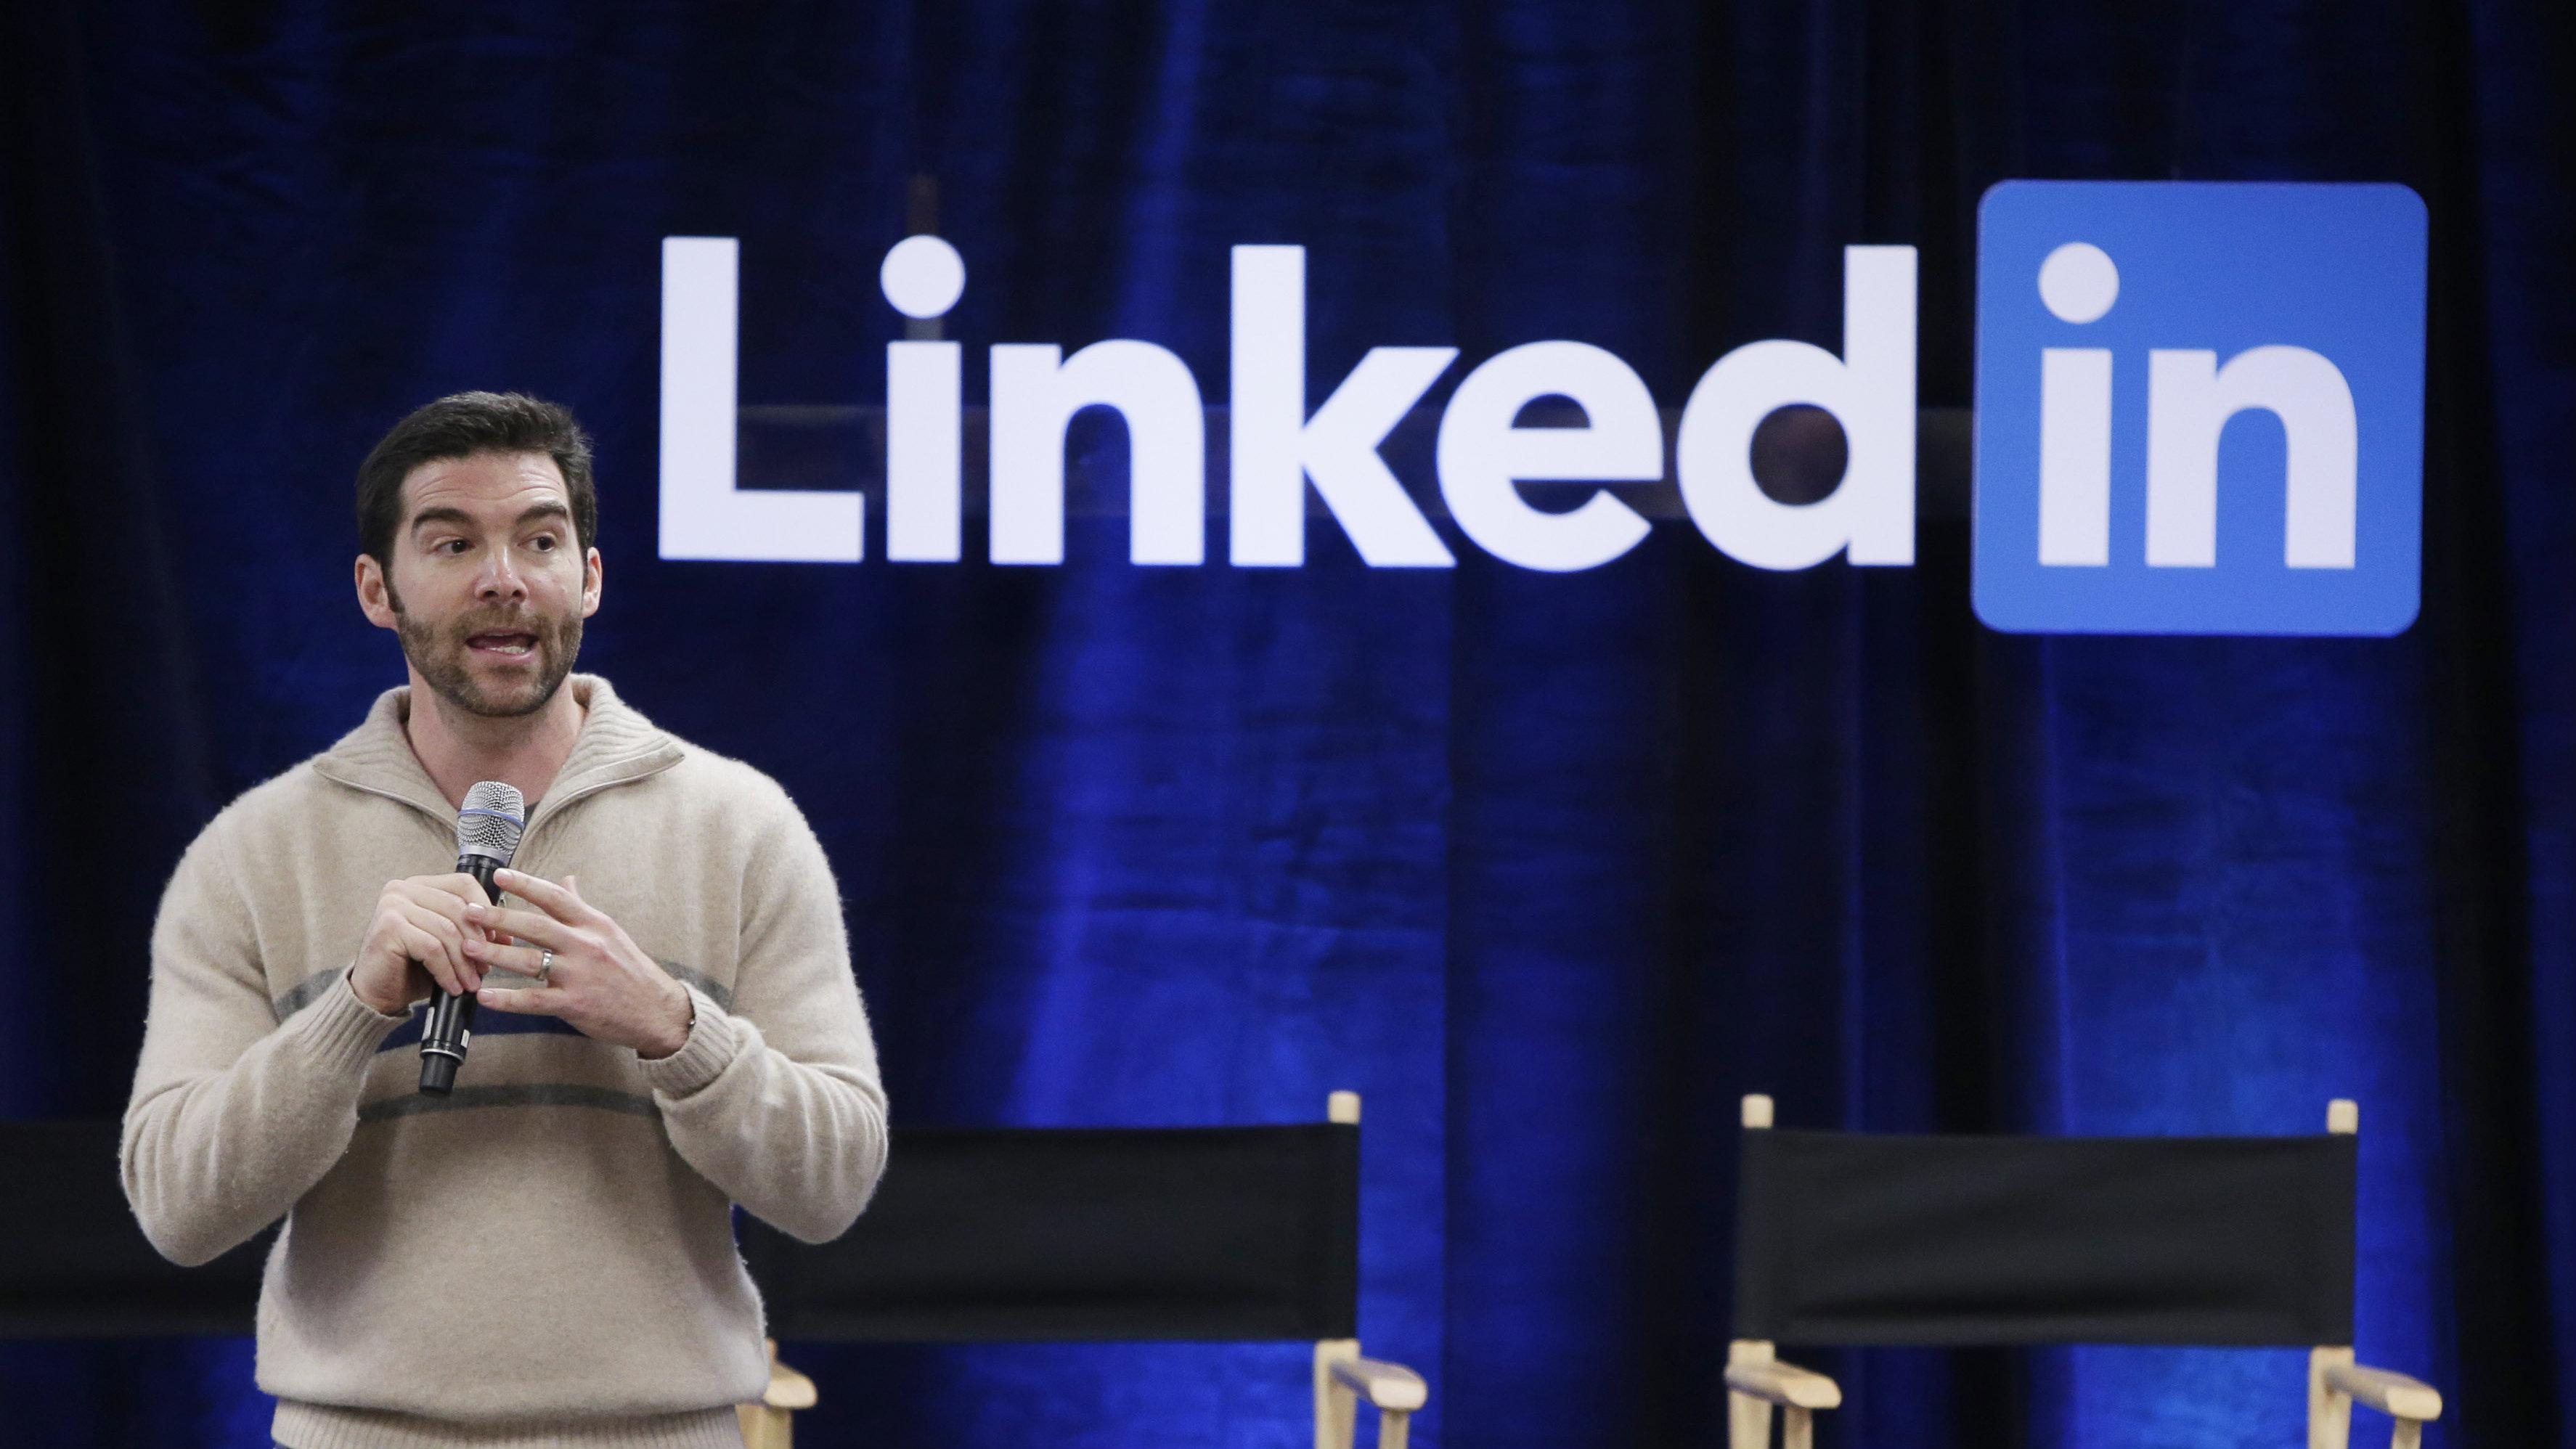 LinkedIn CEO Jeff Weiner